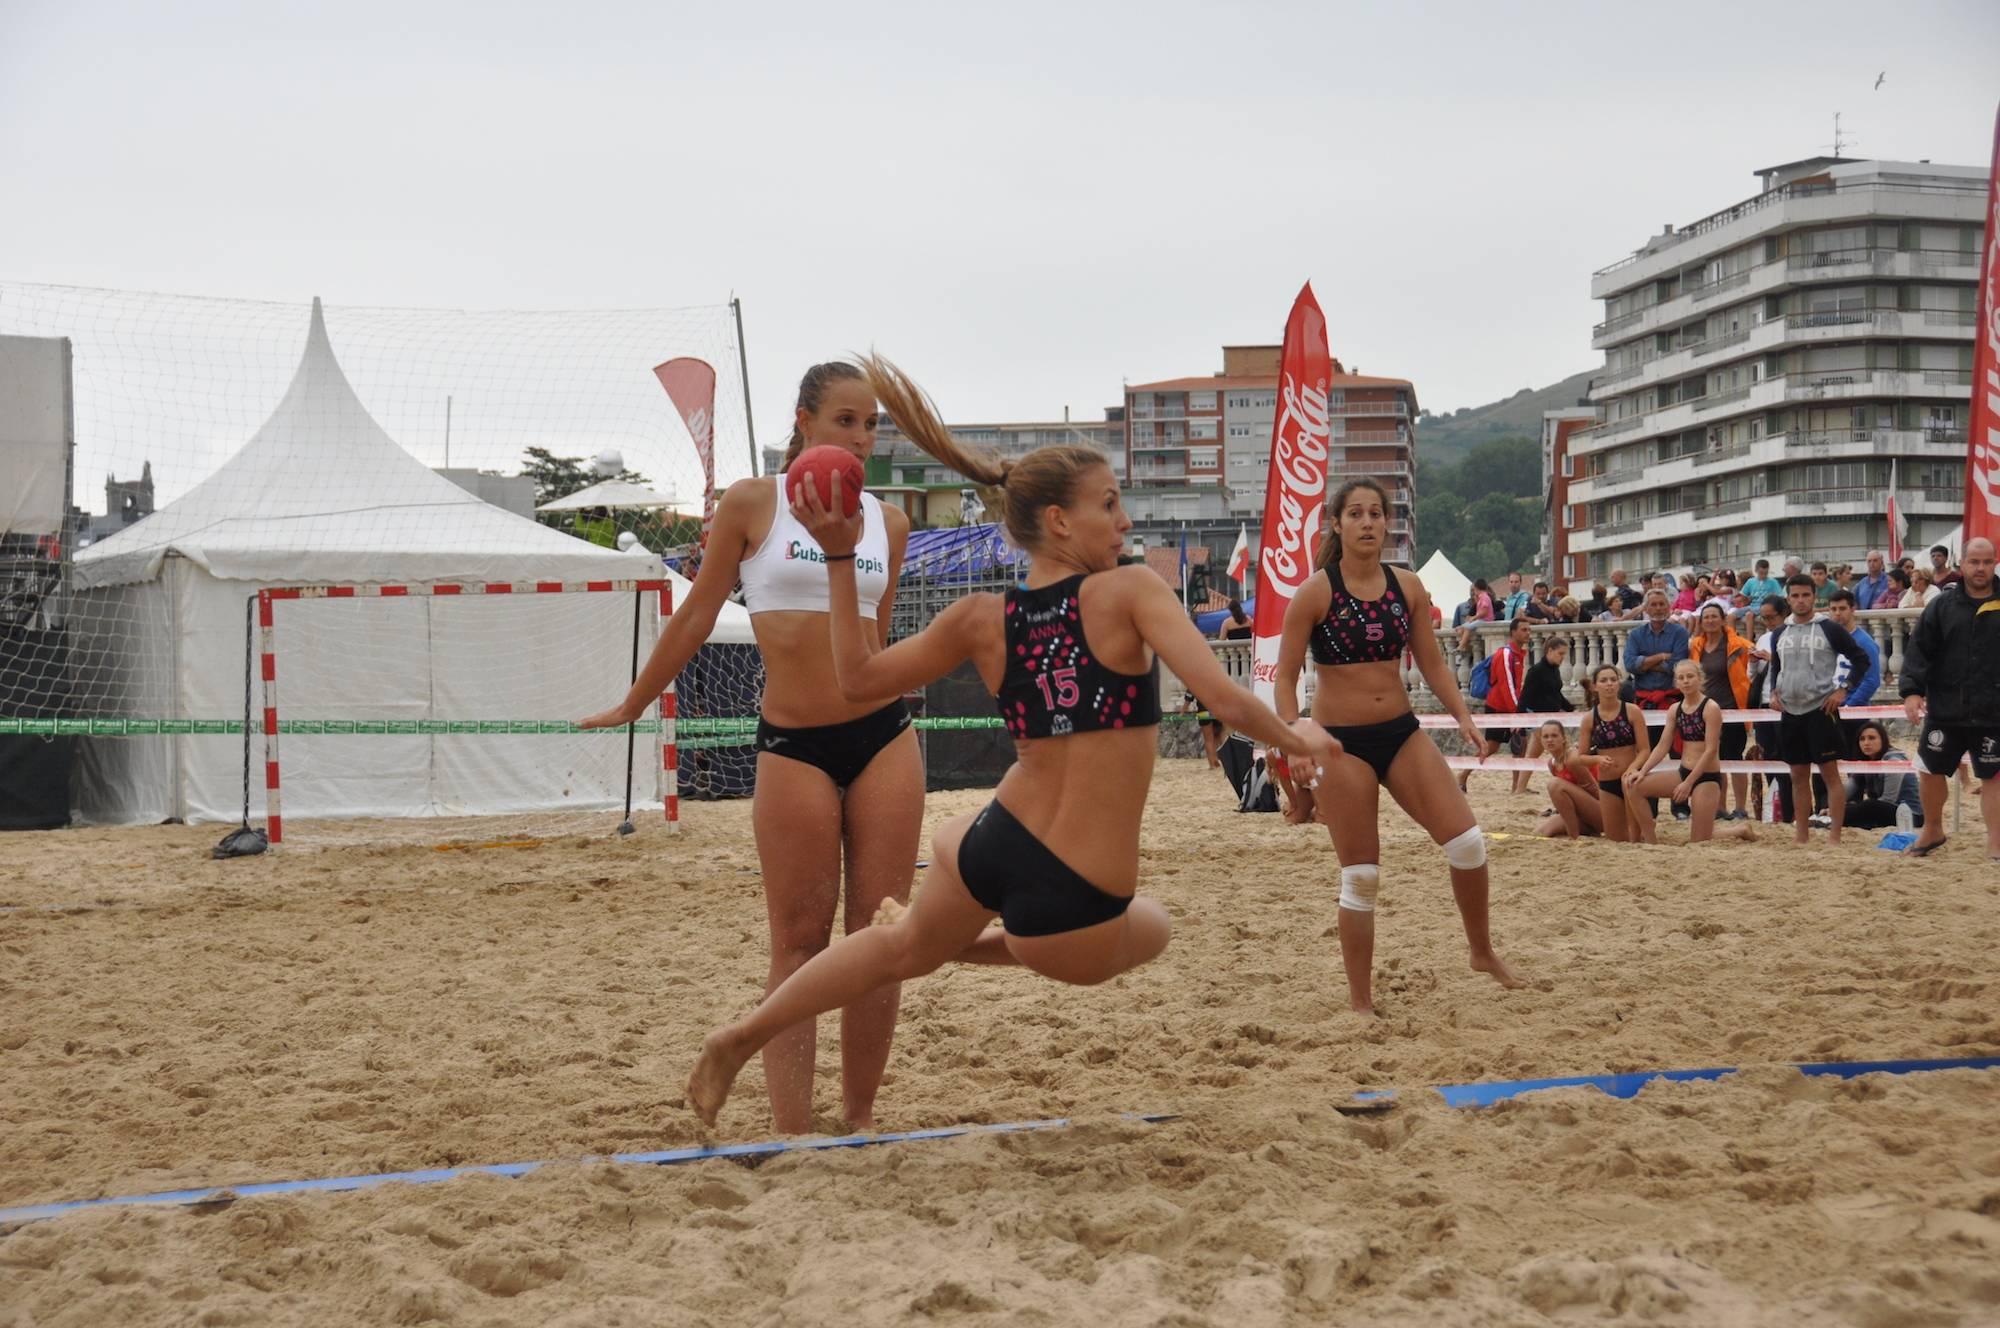 campeonato de balonmana playa - 1ª Escuela de Balonmano Playa abre sus puertas